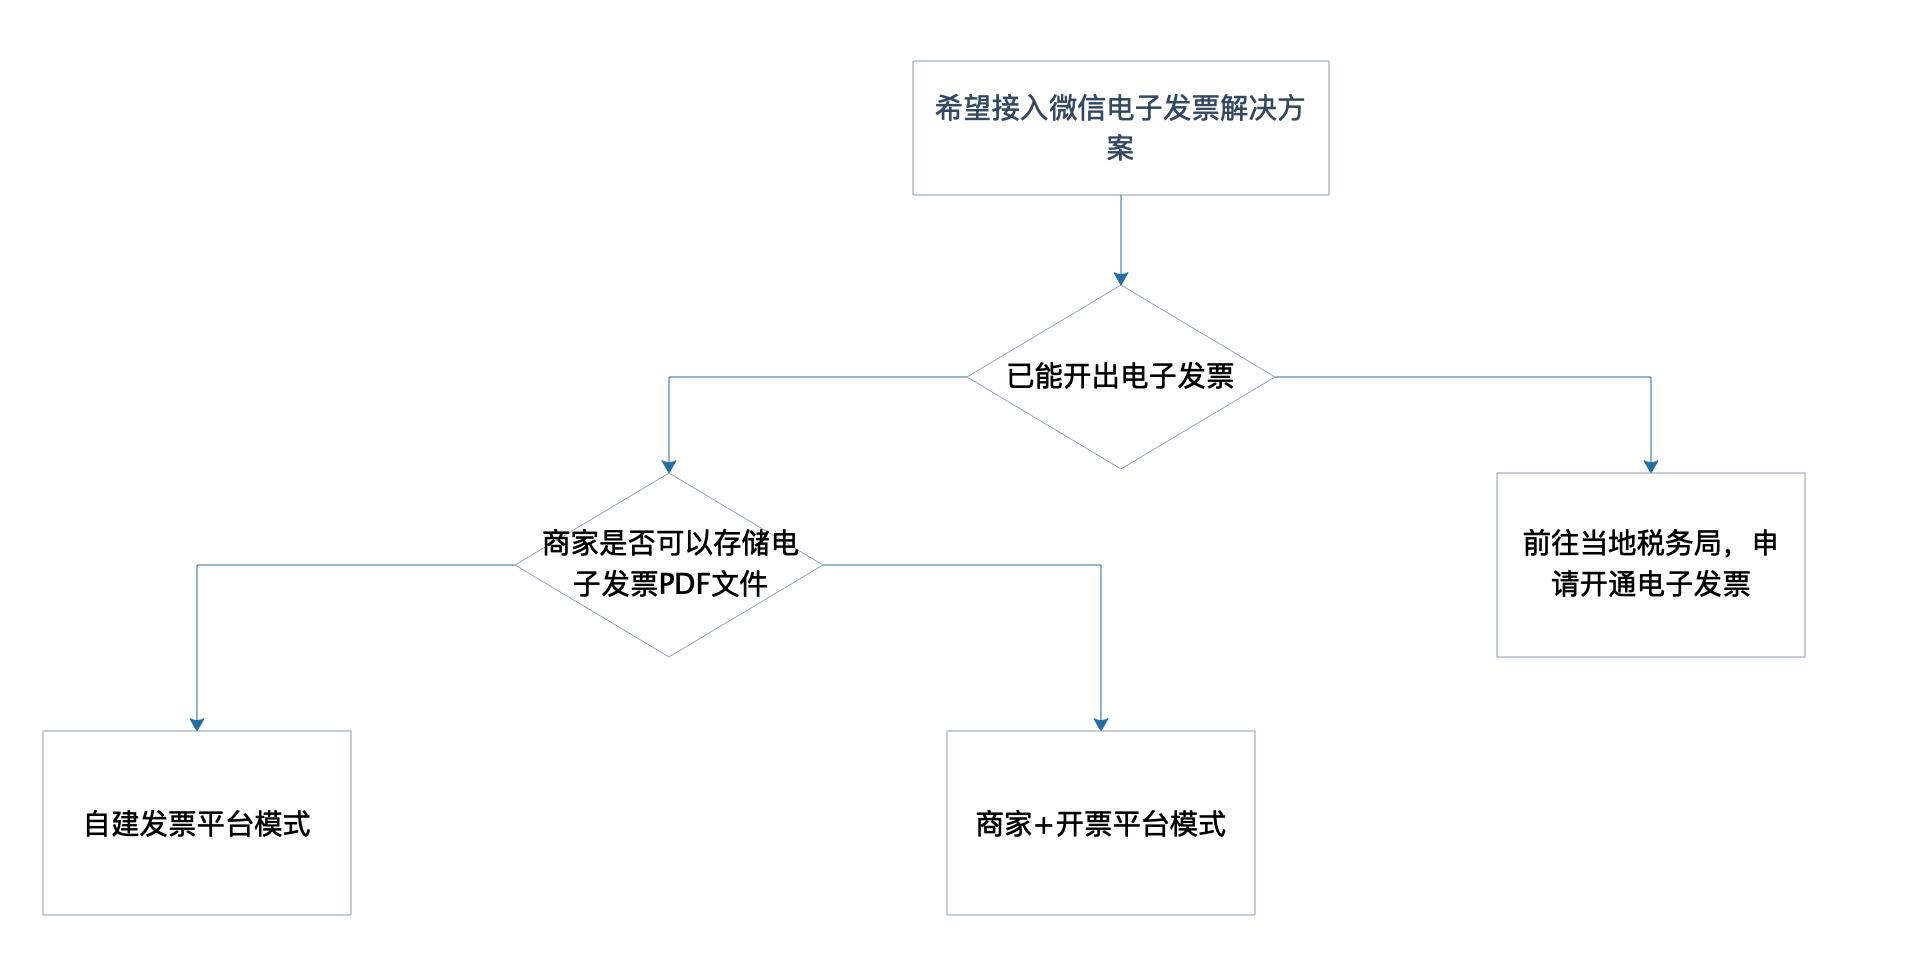 模式决策树